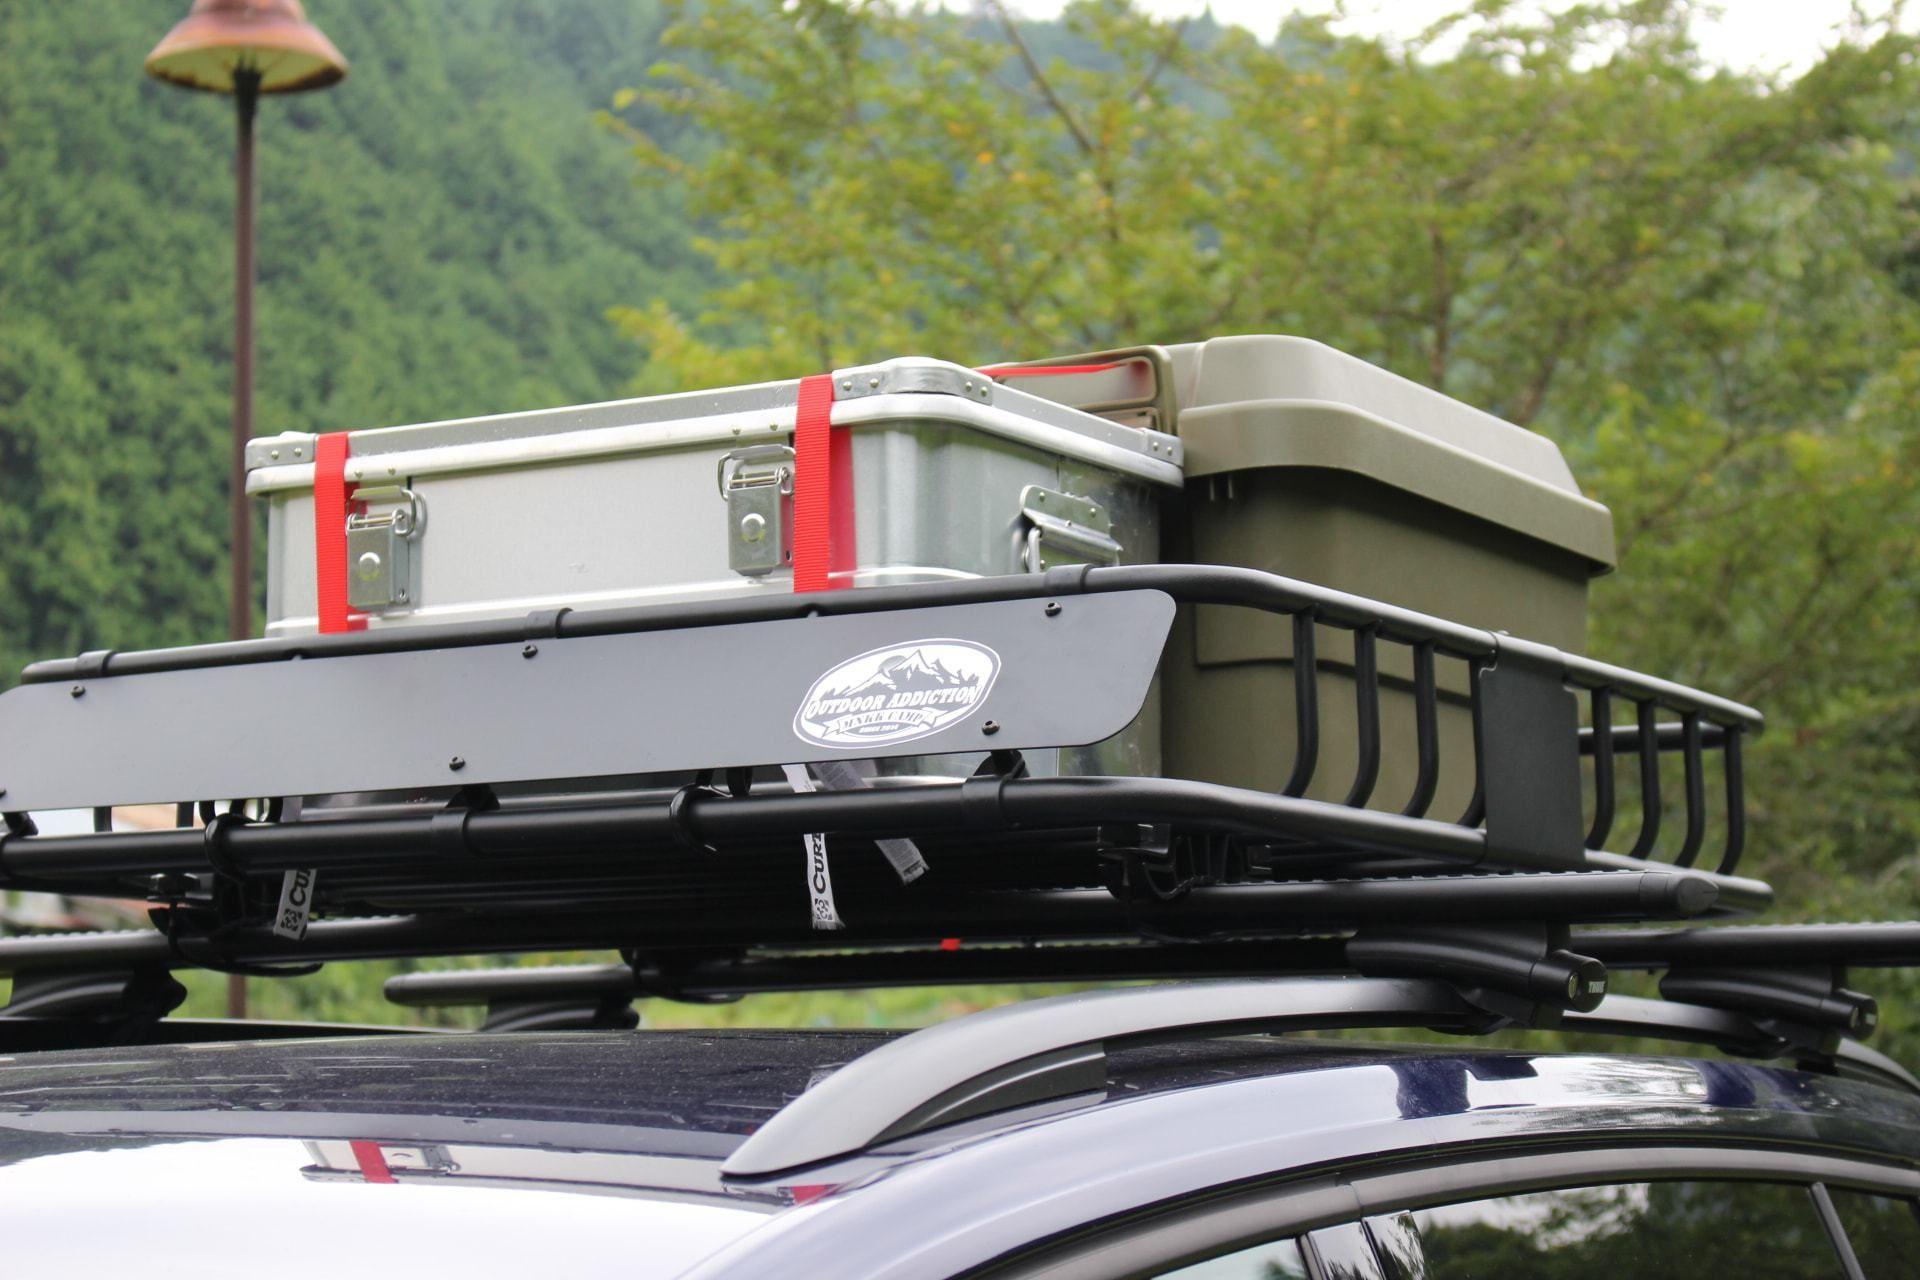 Curtルーフマウントカーゴラック 延長エクステンション装着 これでキャンプ積載問題をまたちょっと解消 ルーフ カーゴ ルーフラック